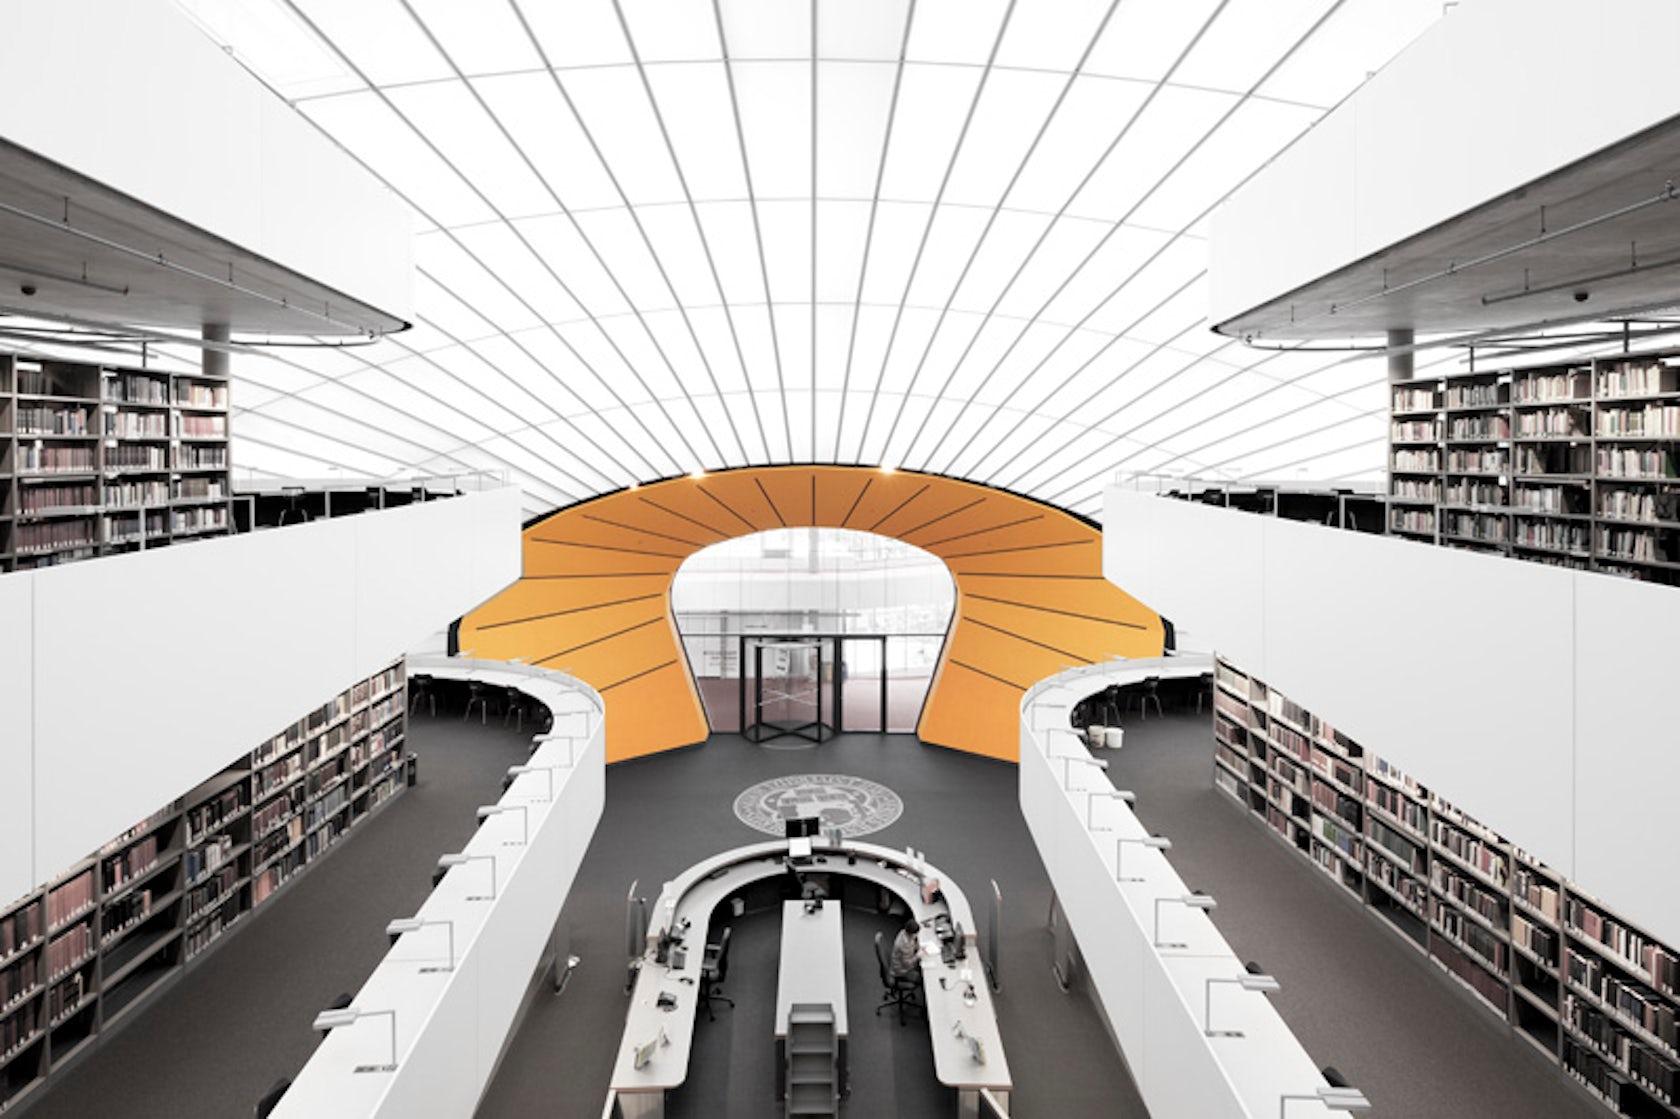 Philologische bibliothek berlin by norman foster for Interior architecture berlin